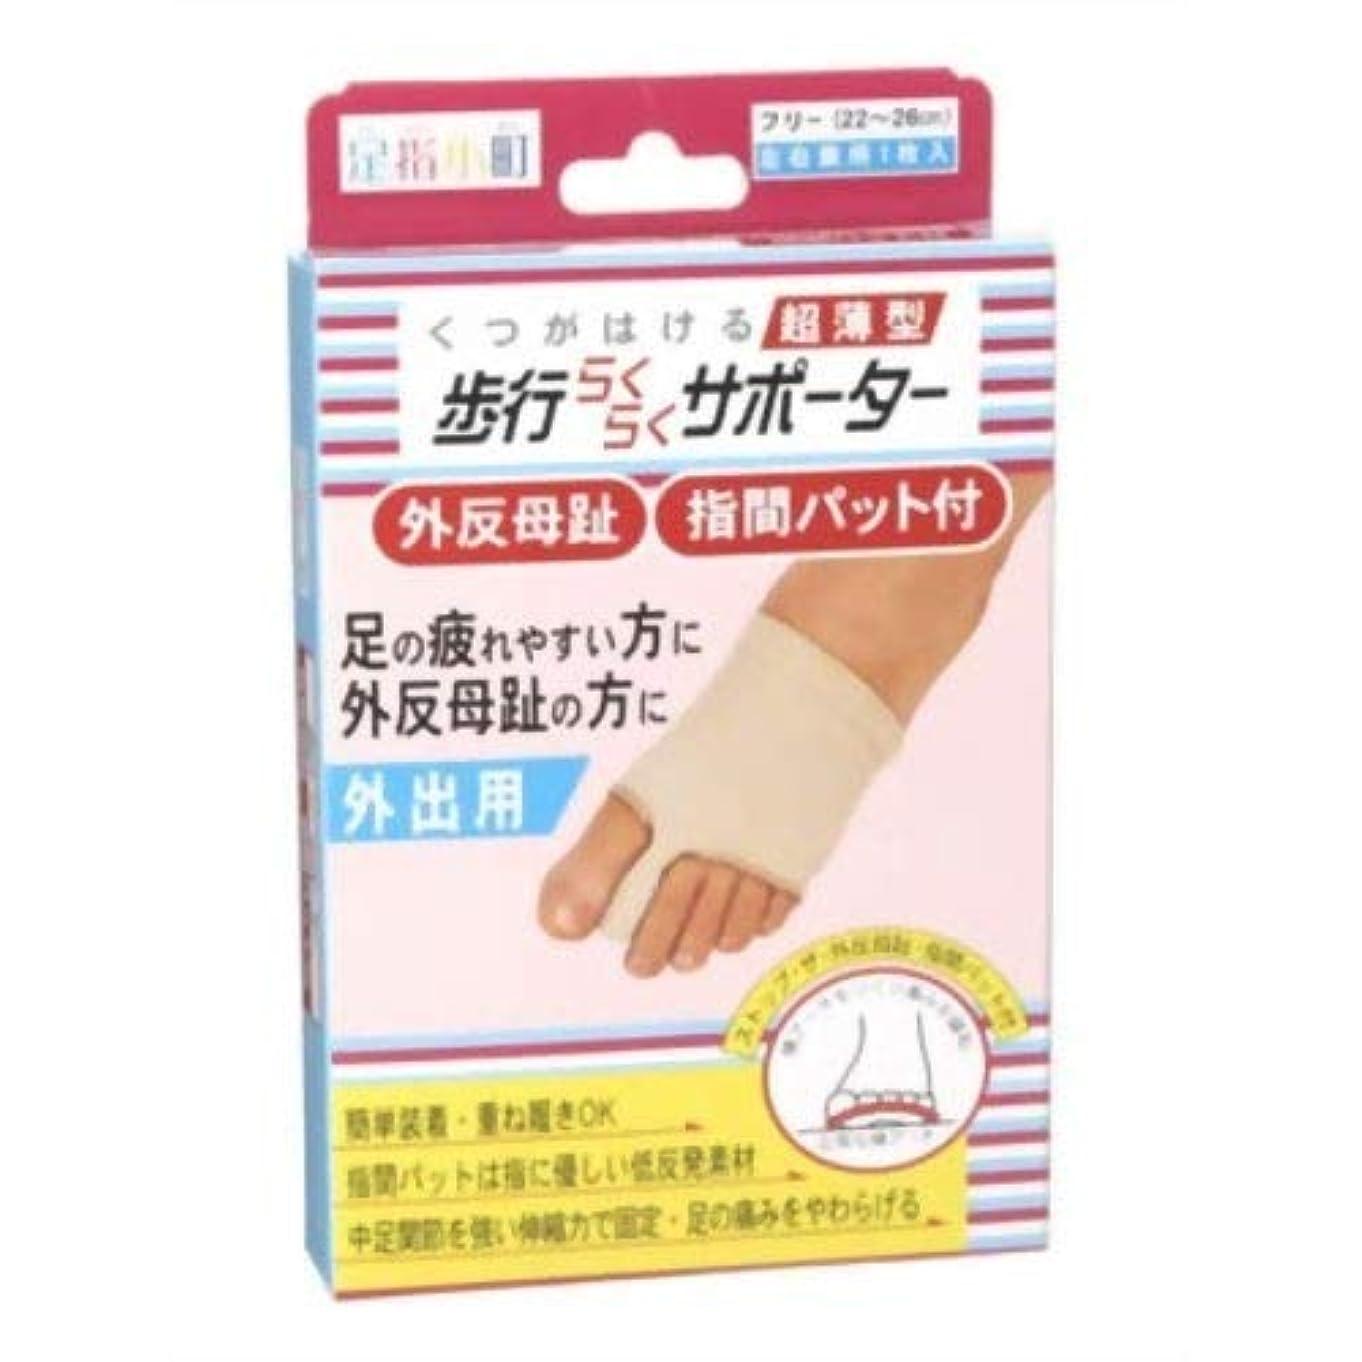 献身ラッチ染料足指小町歩行らくらくサポーター指間パット付 ×3個セット